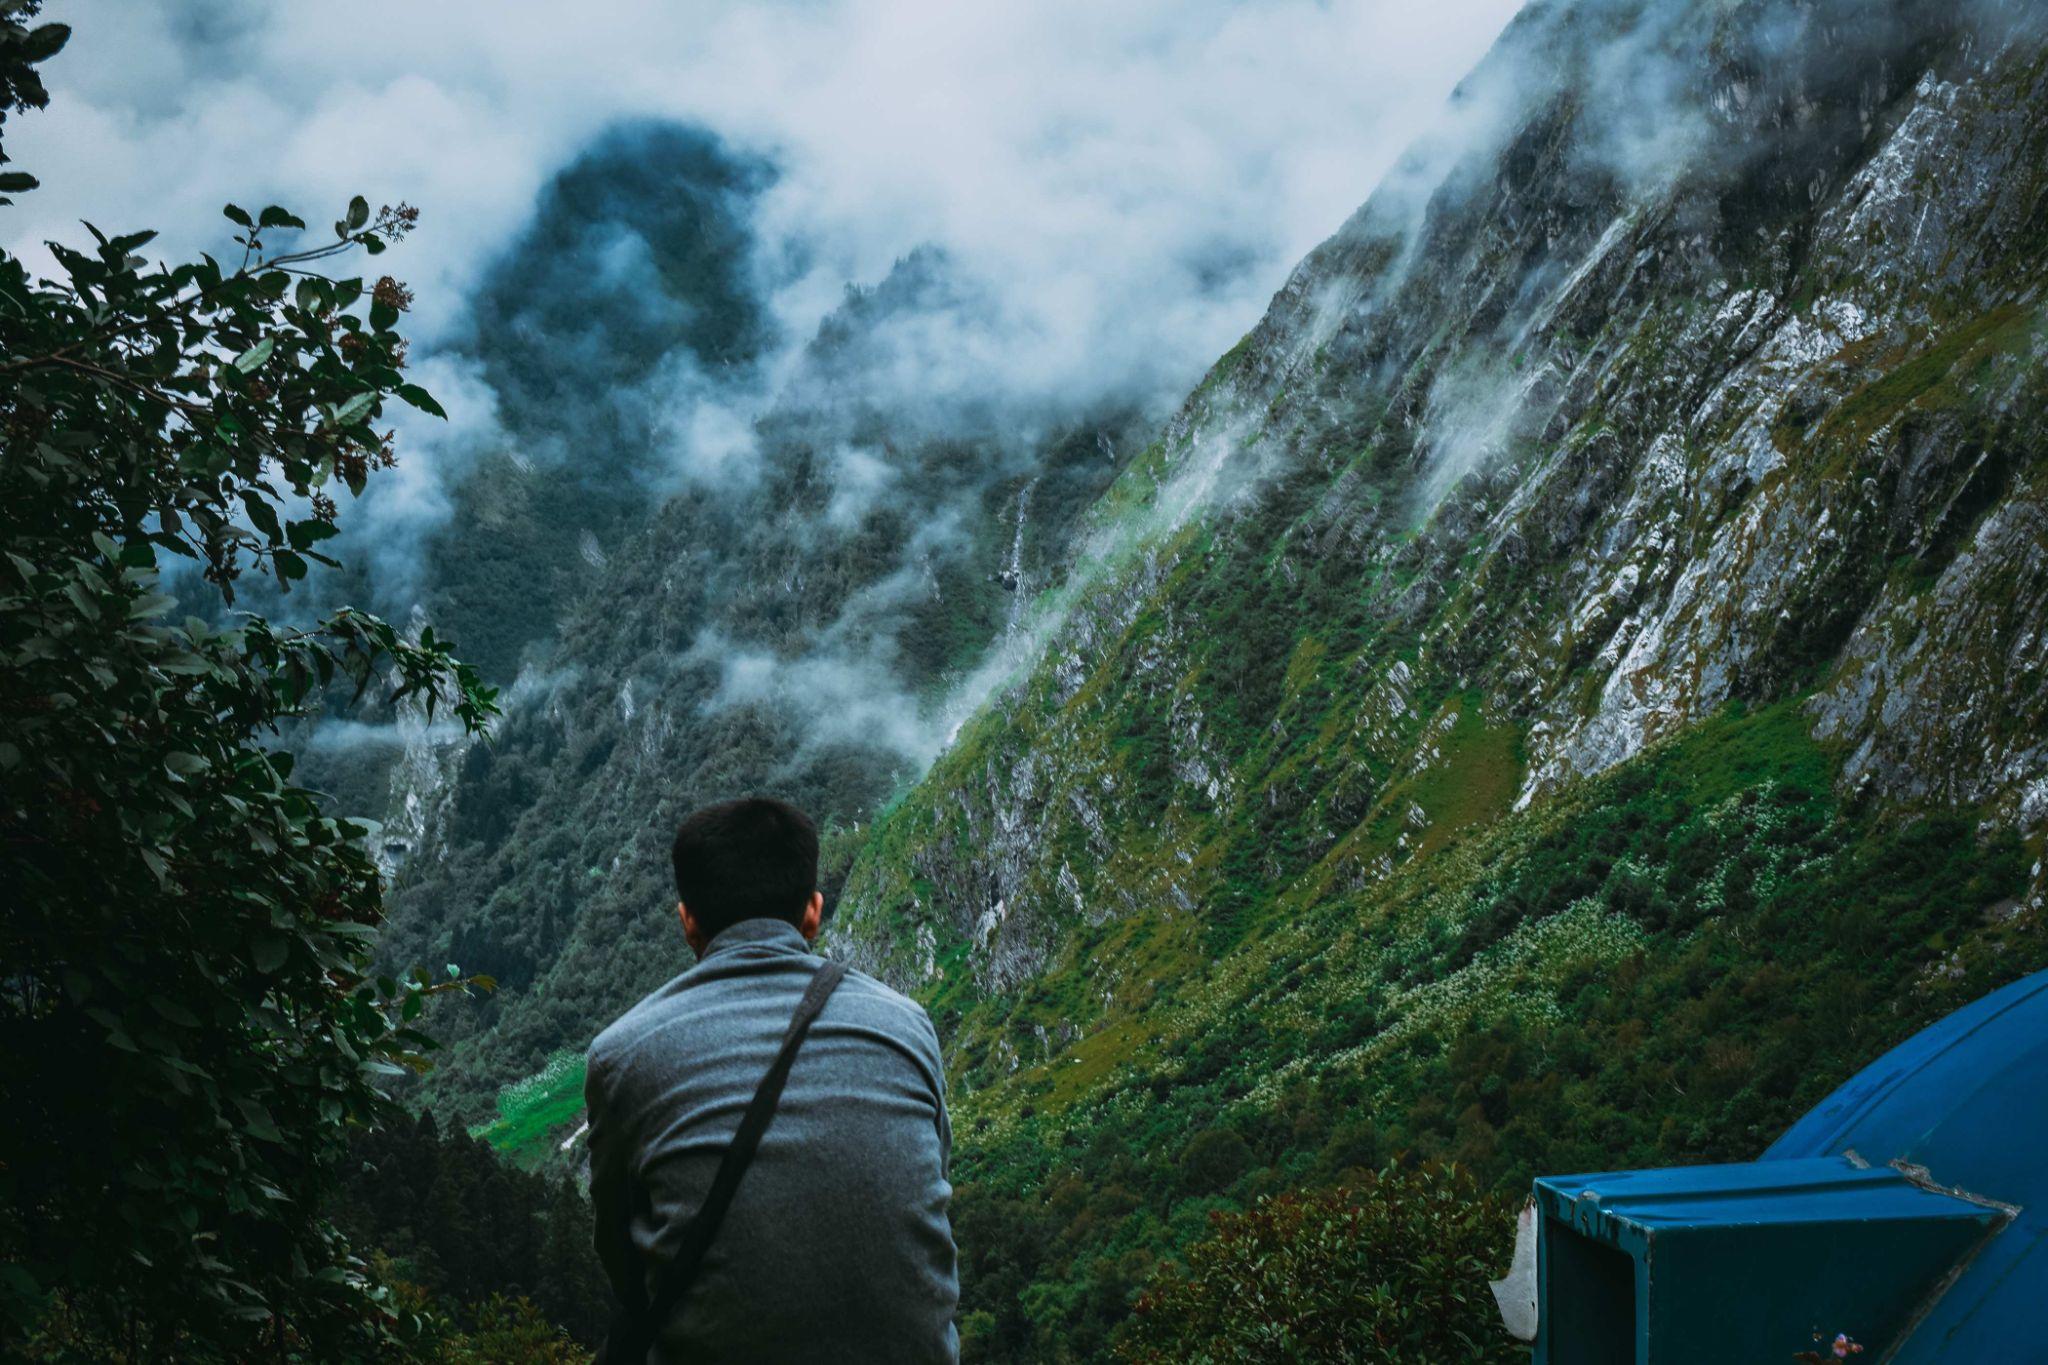 trek, survival trips for a trek